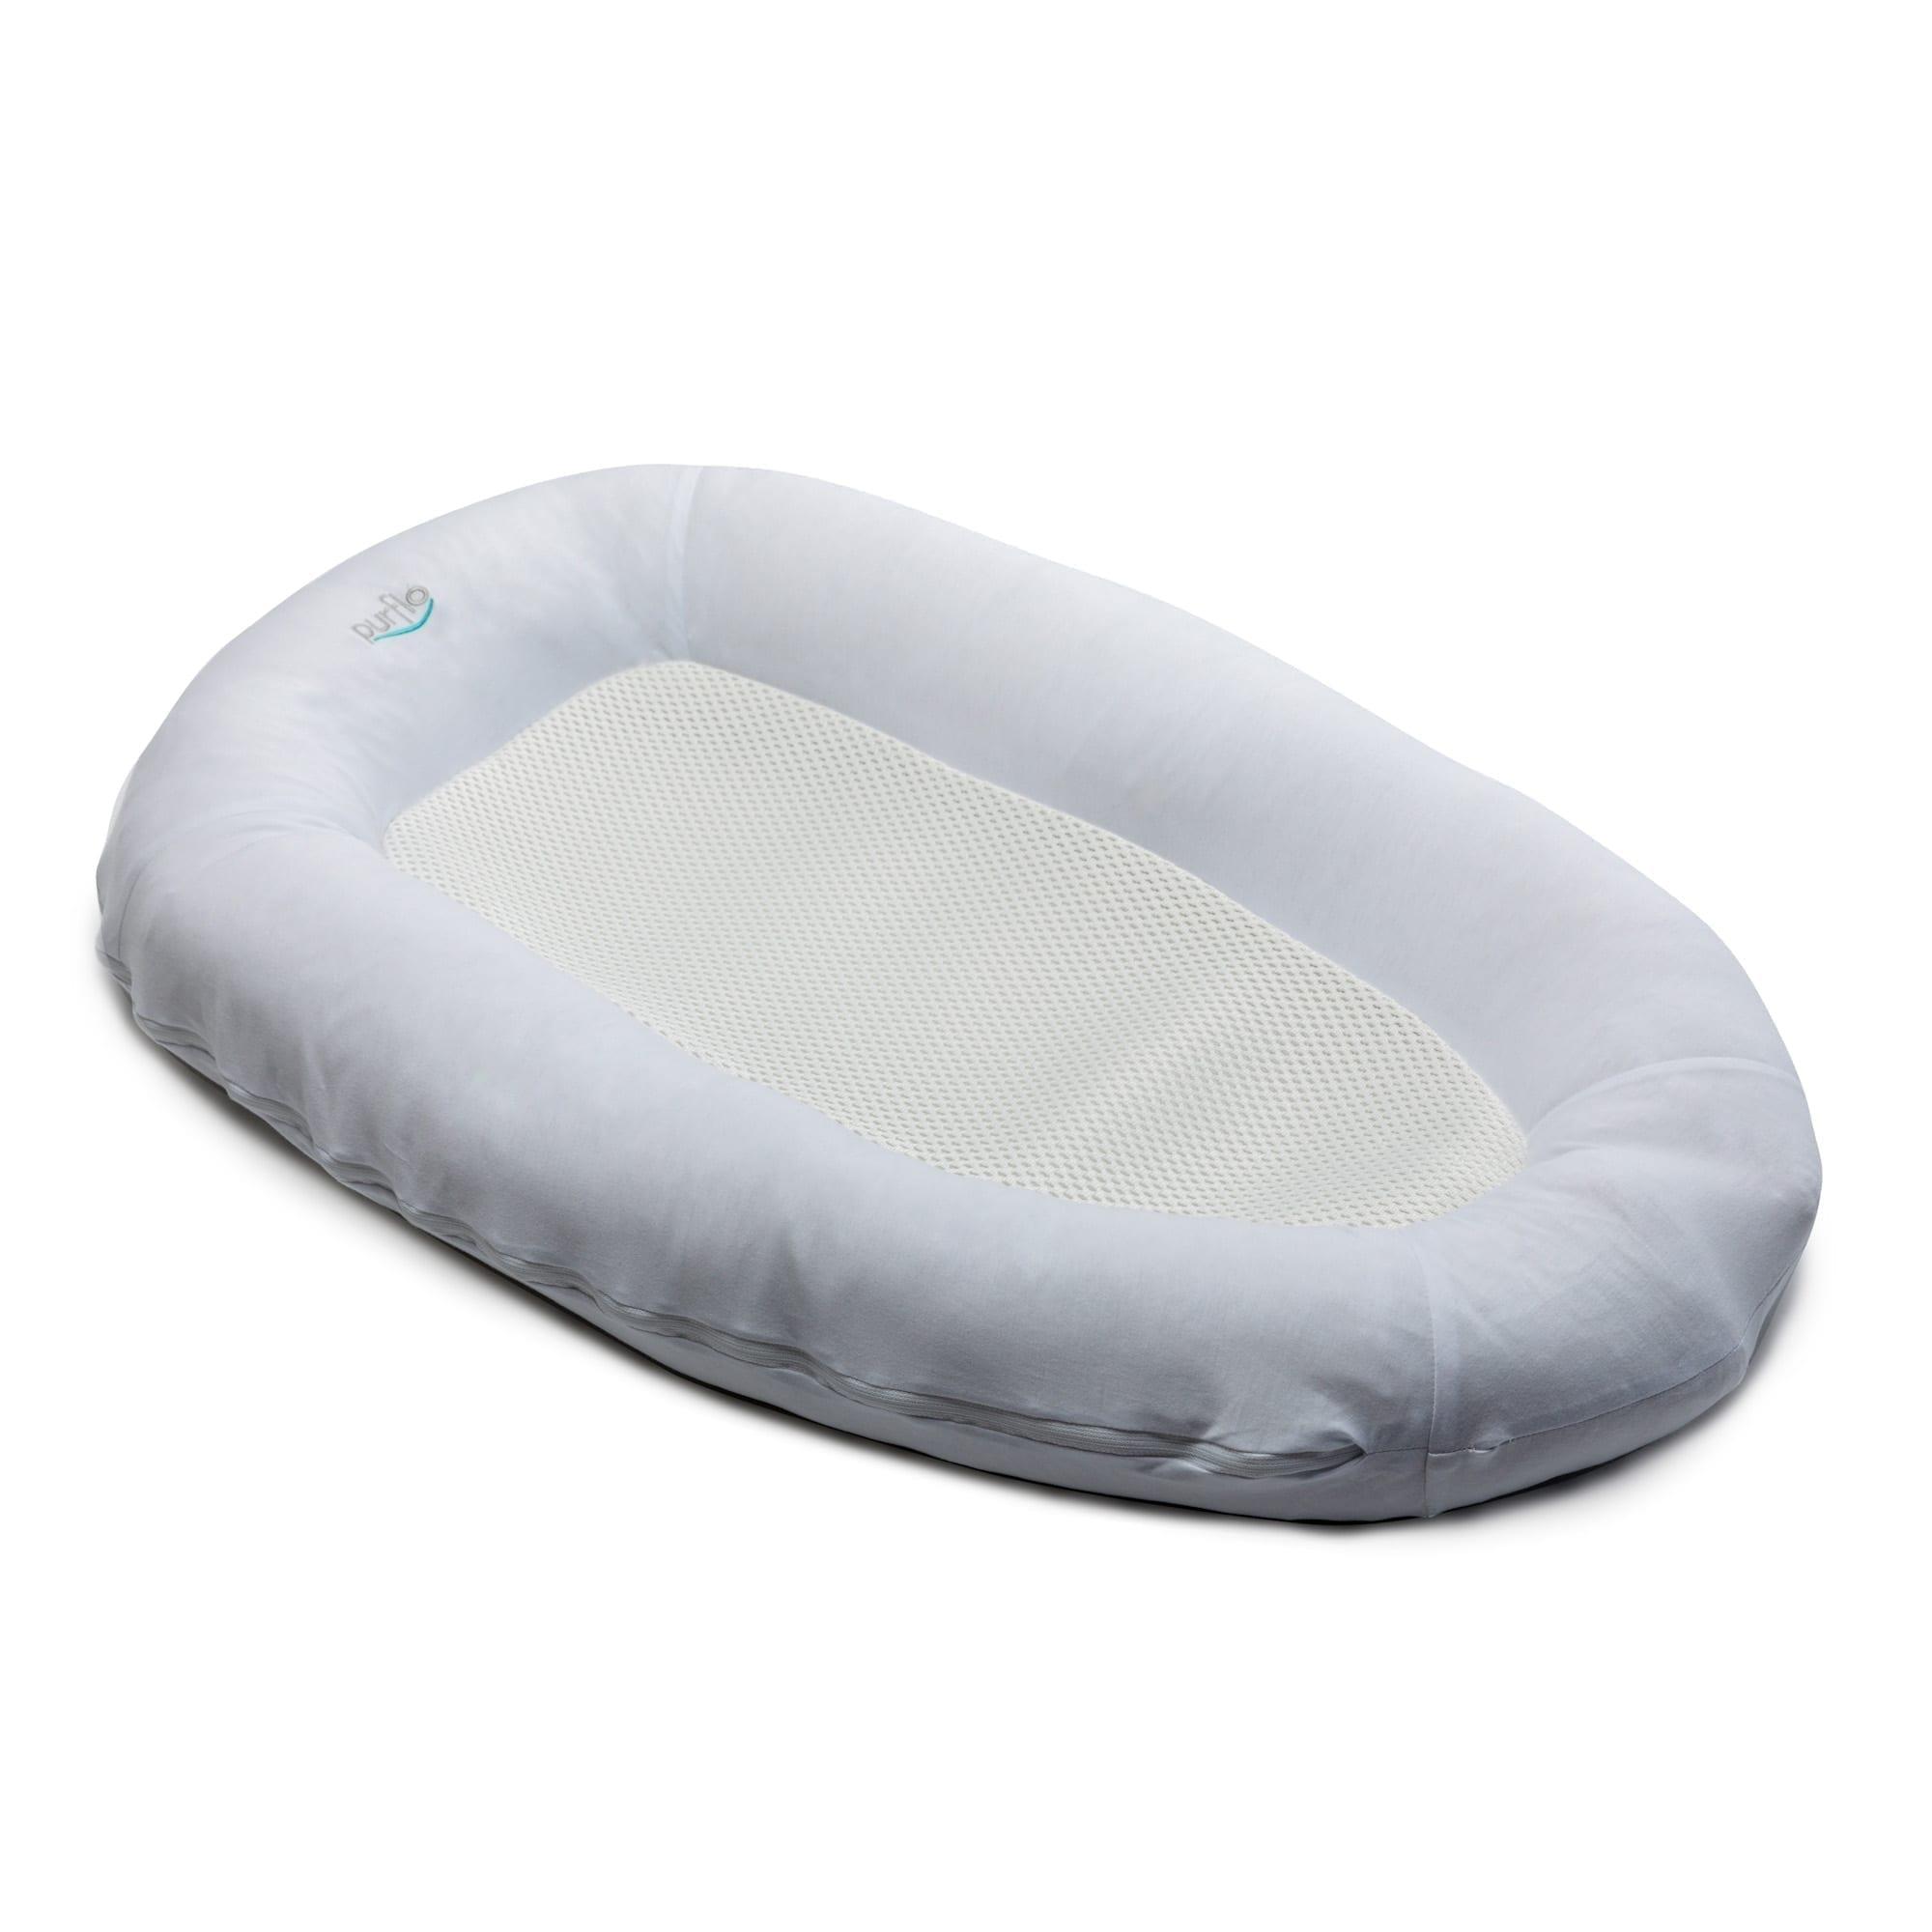 Purflo Baby Sleep Nest White